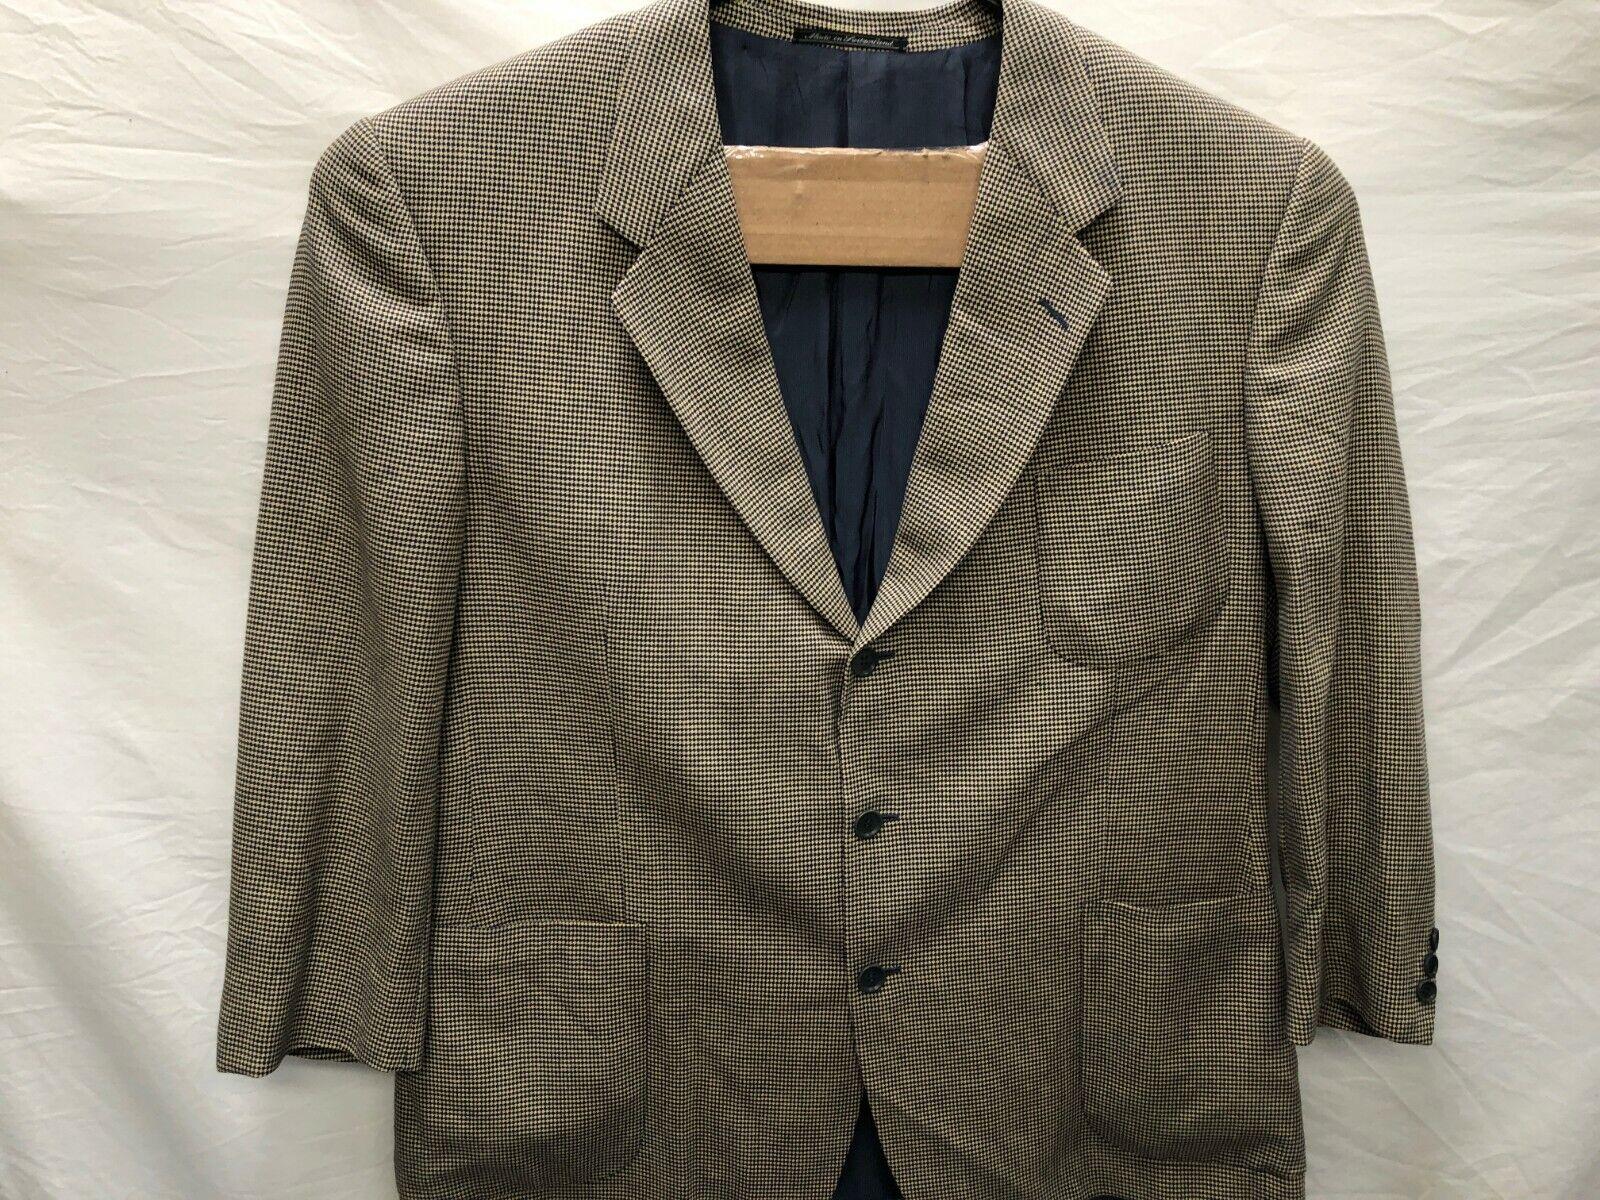 Emenegildo Zegna 1819G0 Silk Wool Blend Mens Herringbone Sportscoat 58R Drop 7